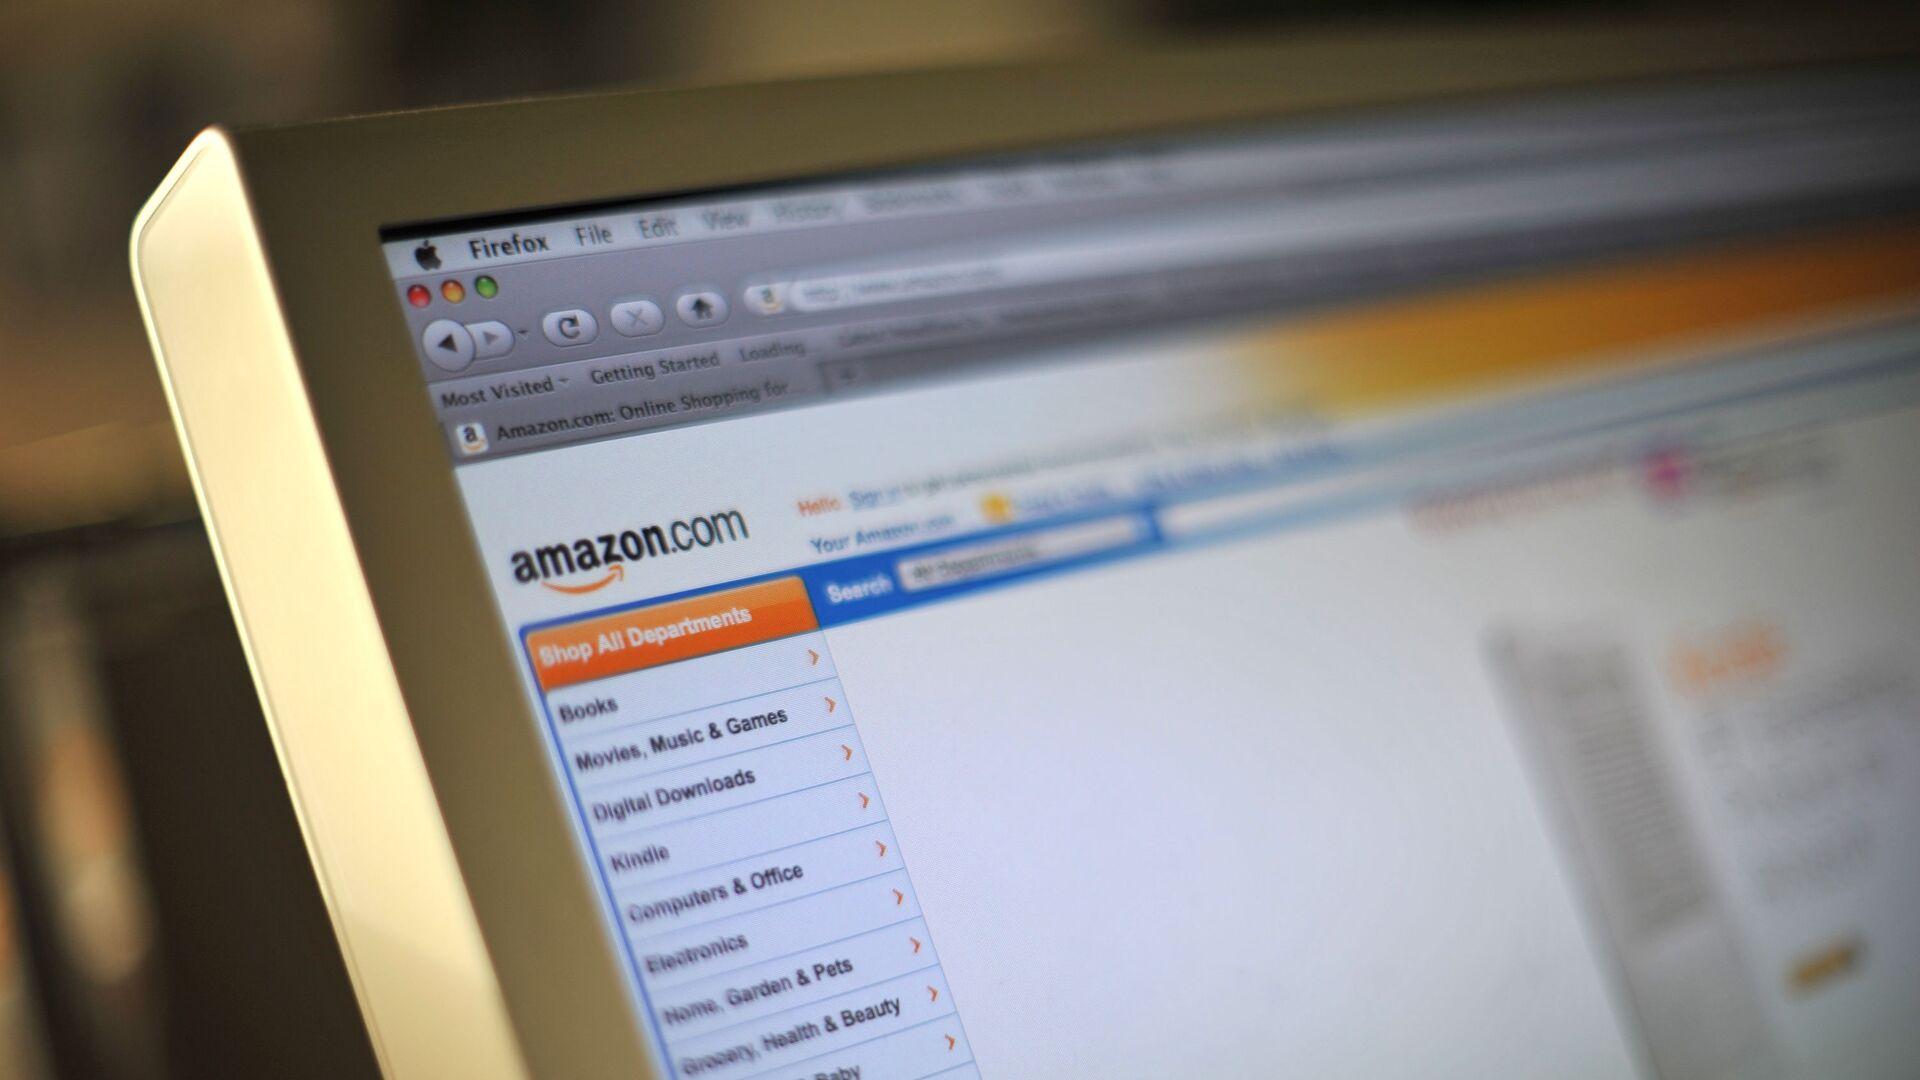 Интернет-магазин Amazon.com - РИА Новости, 1920, 02.03.2021